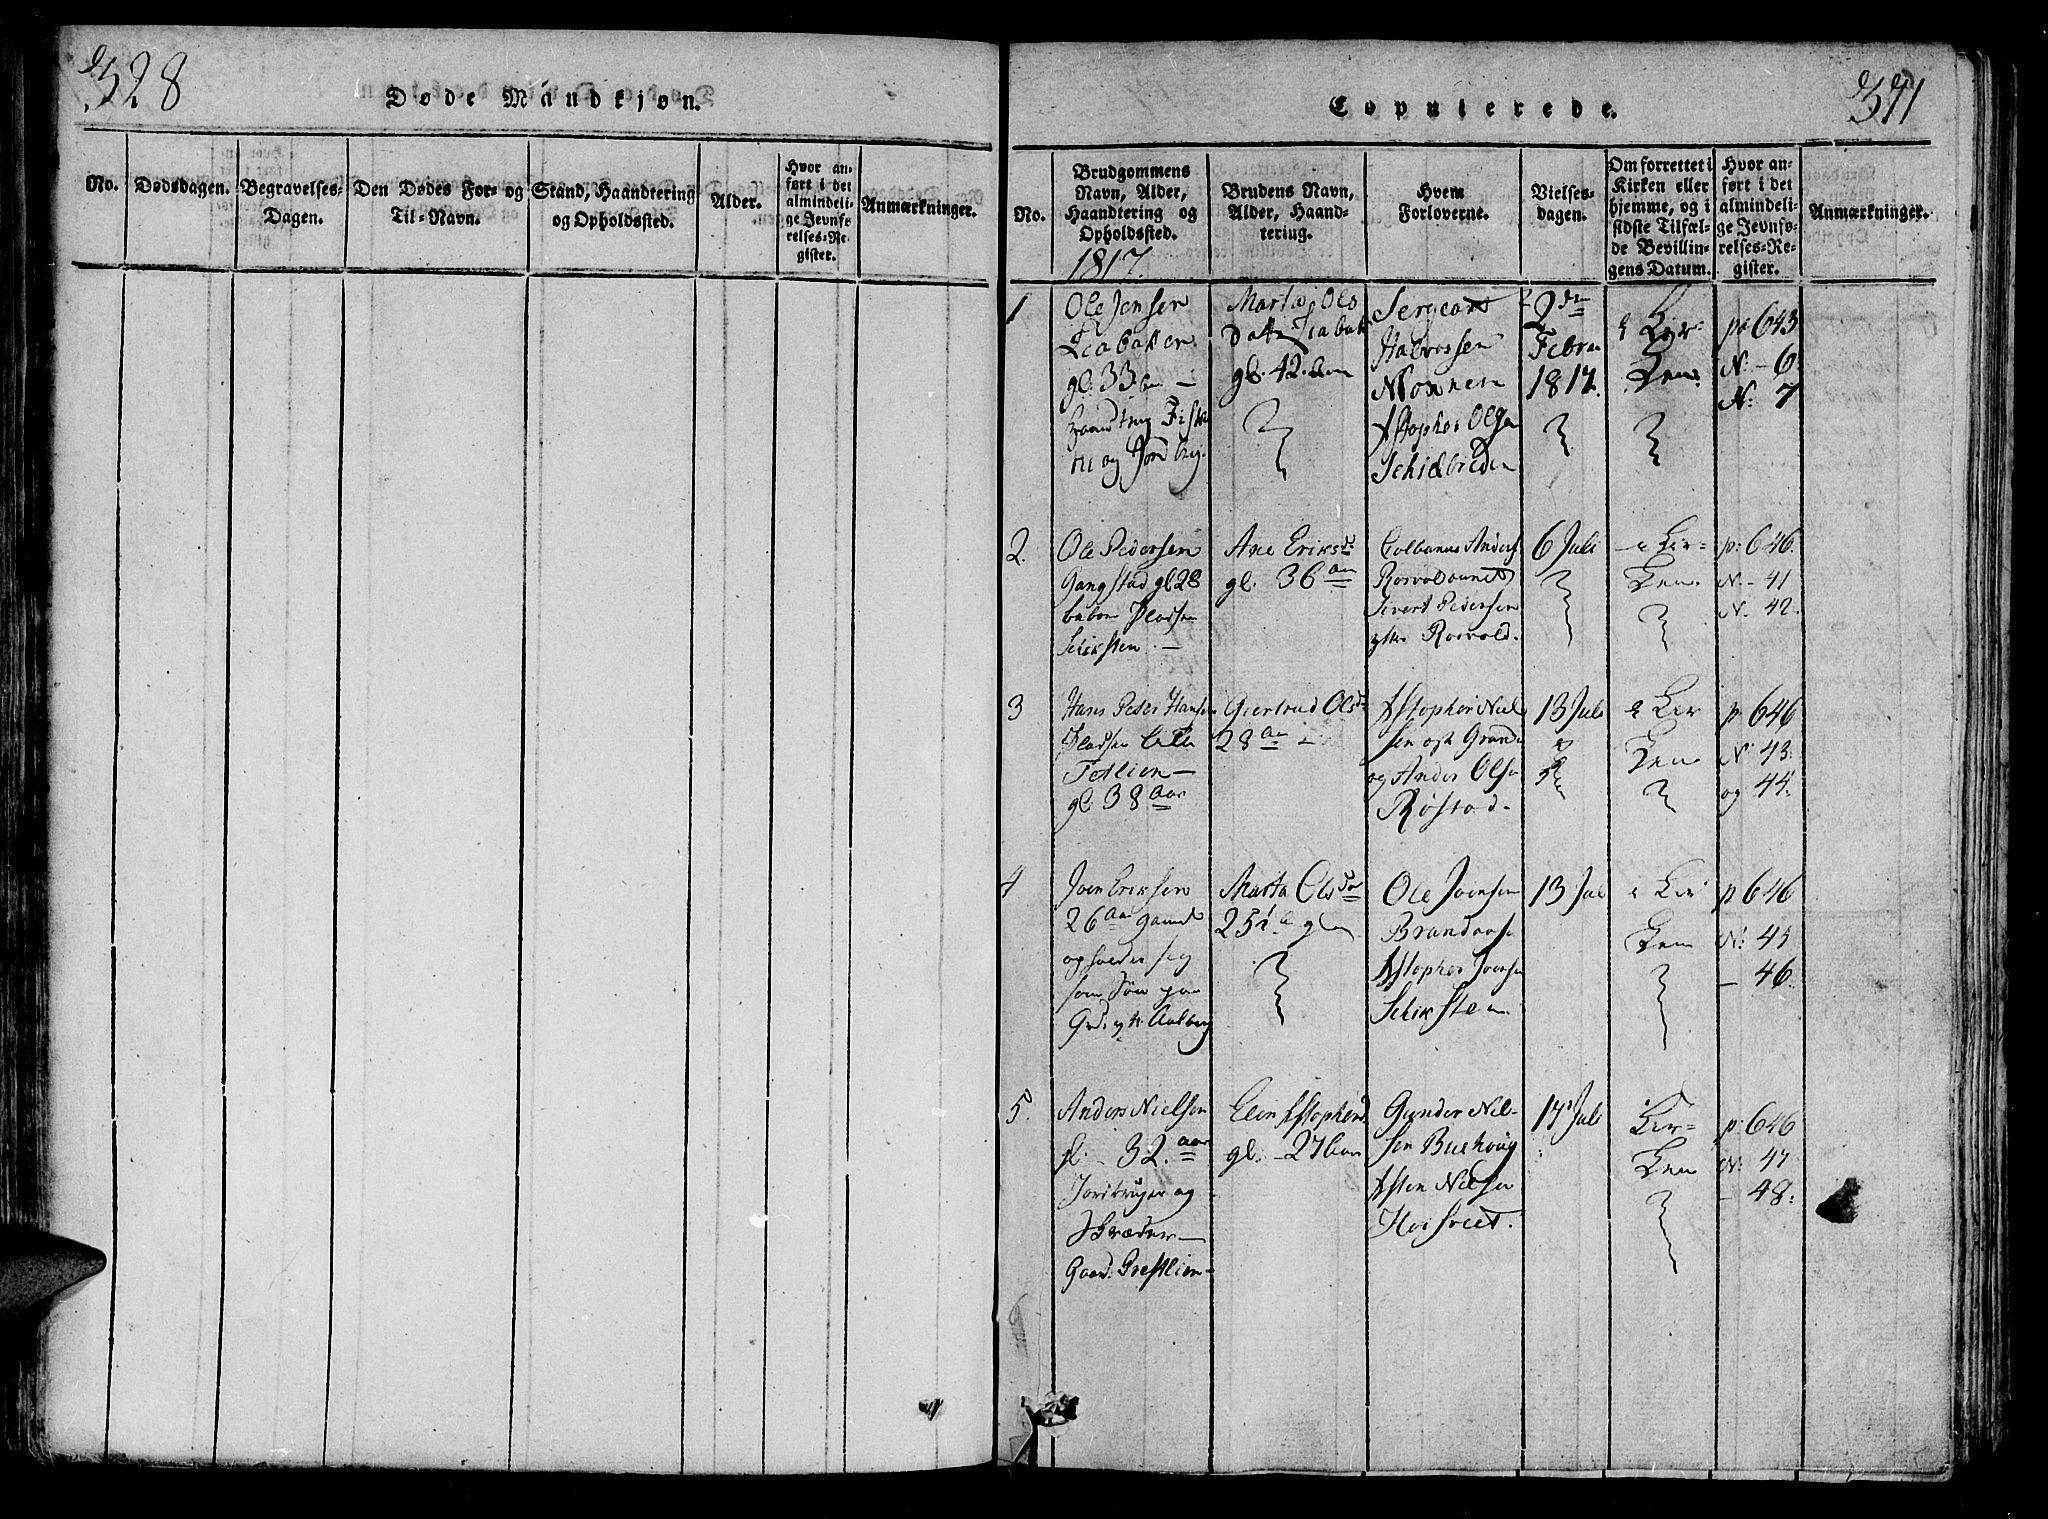 SAT, Ministerialprotokoller, klokkerbøker og fødselsregistre - Nord-Trøndelag, 701/L0005: Ministerialbok nr. 701A05 /1, 1816-1825, s. 328-371